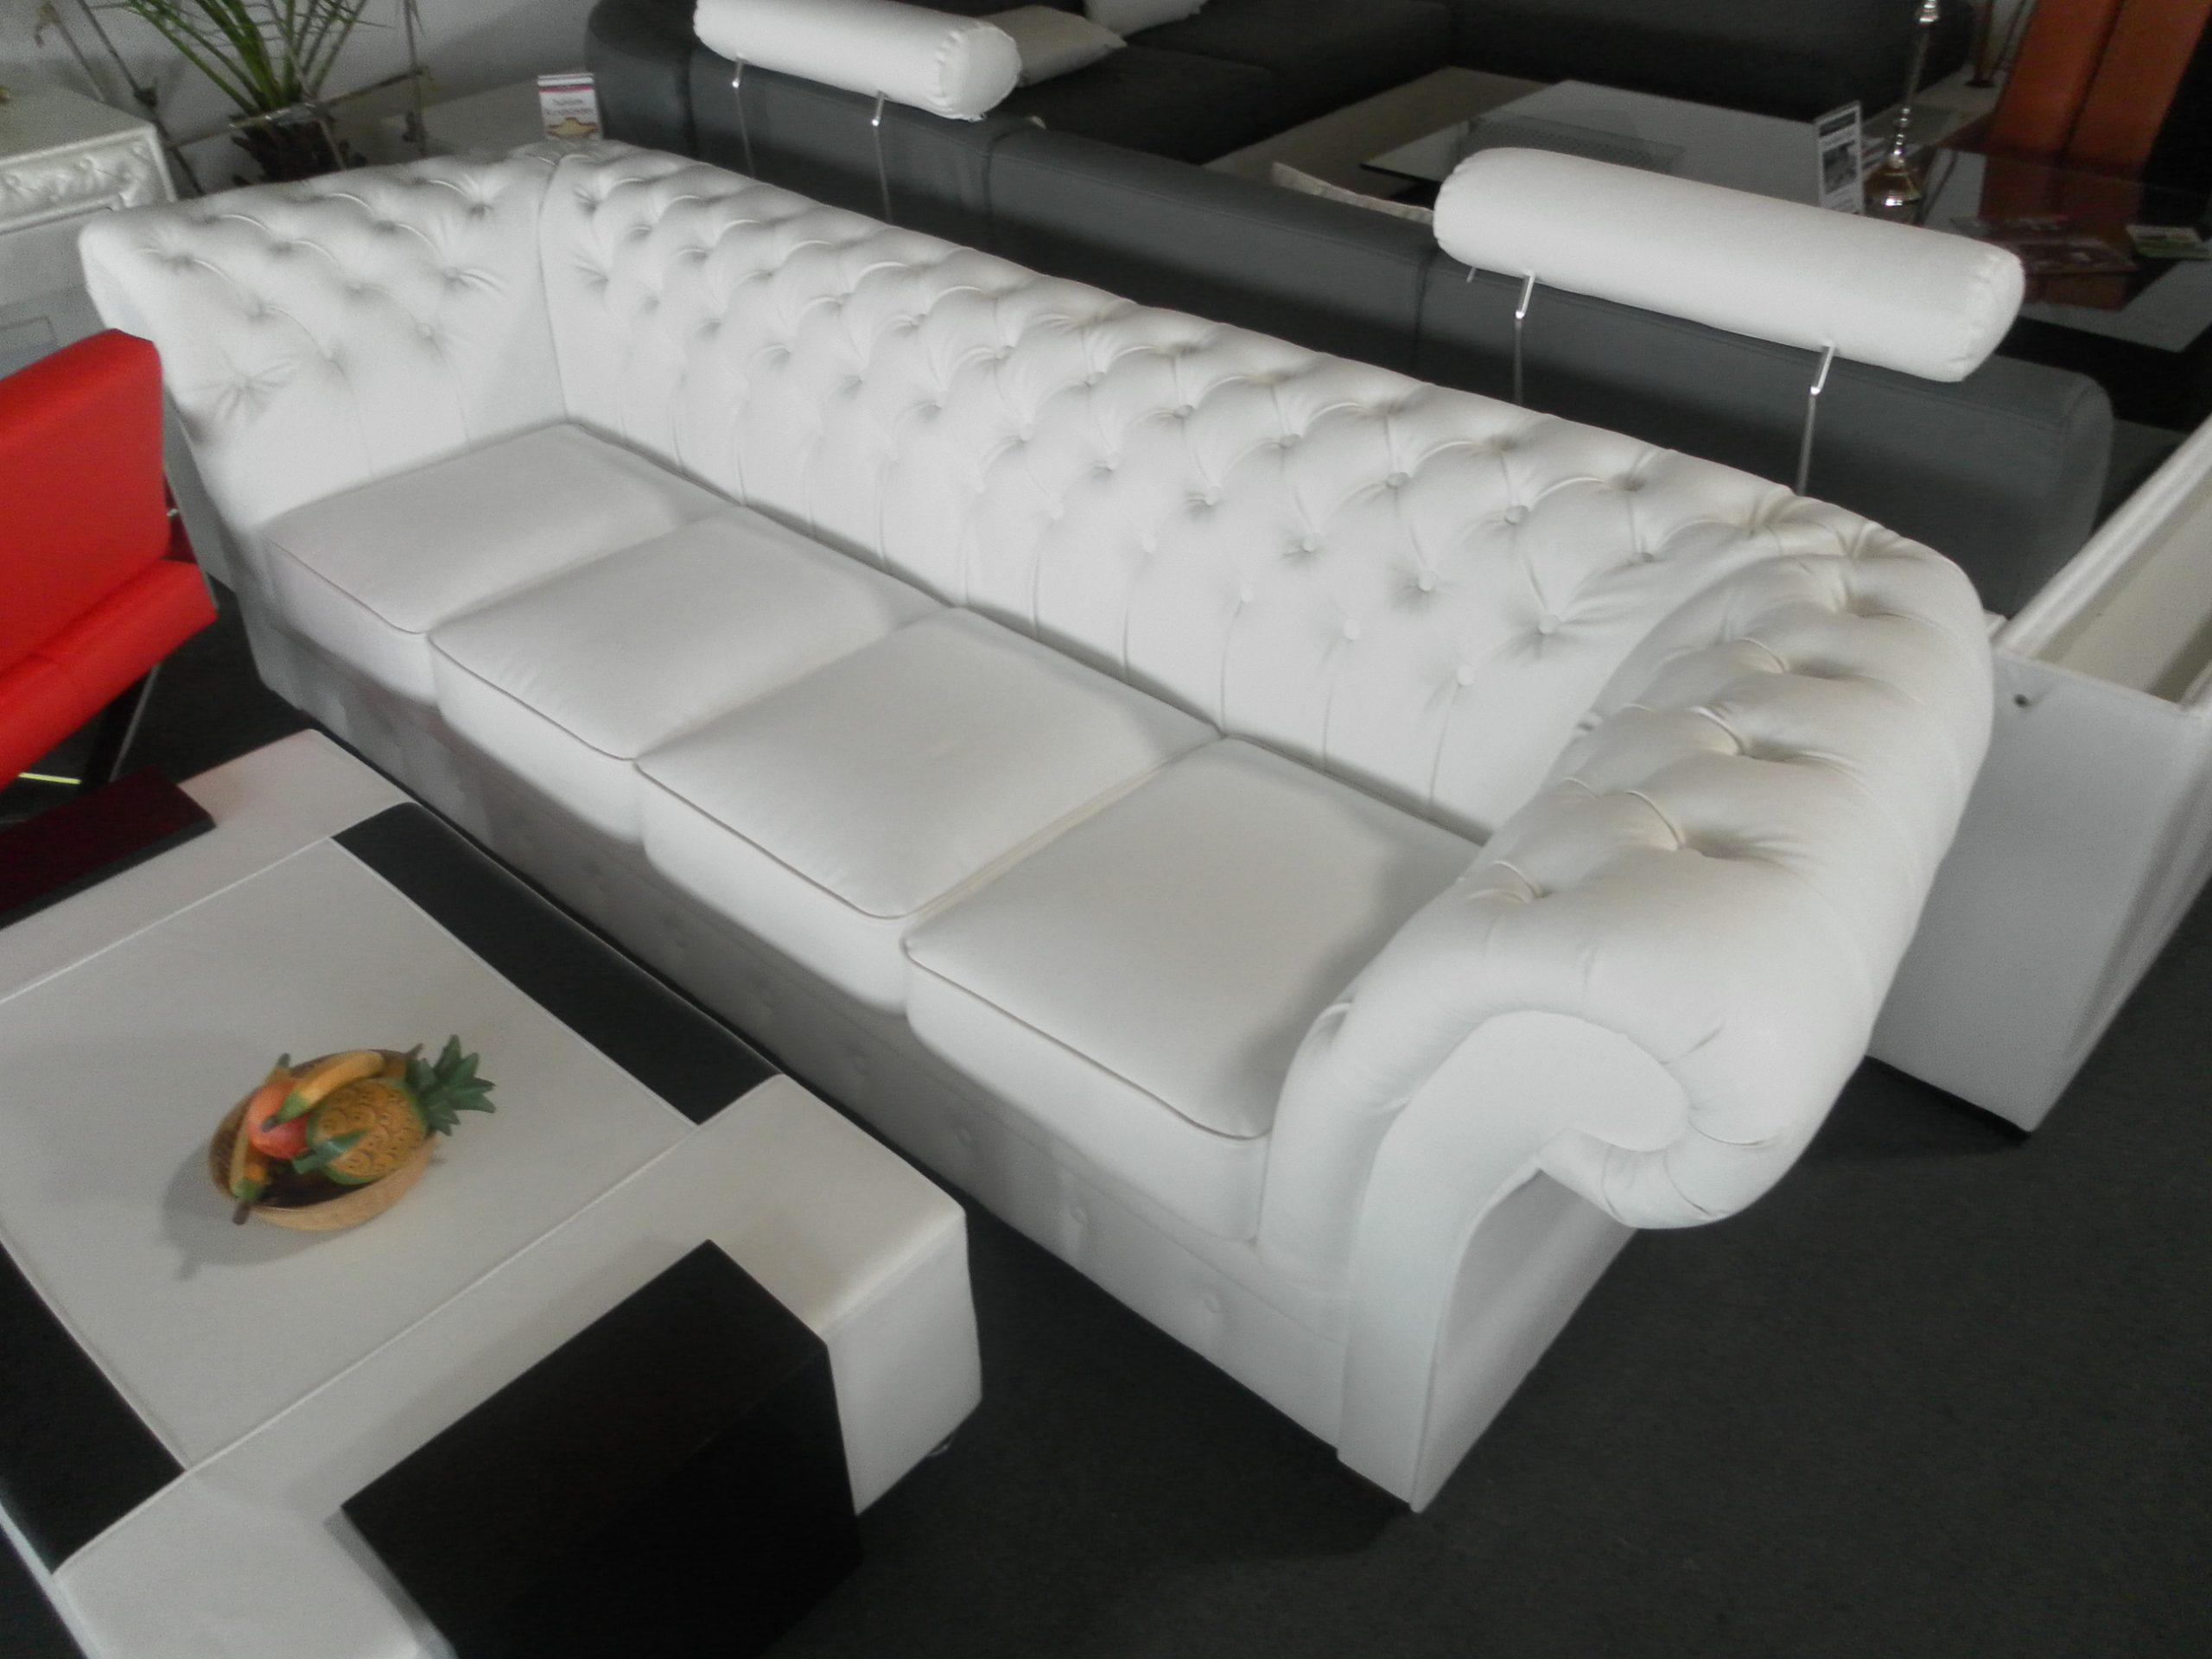 Full Size of 3 Sitzer Leder Couch Winchester 210 Cm Material Echtleder Textil Lounge Sofa Garten Kaufen Günstig Blaues Kare Kunstleder Weiß Landhaus Schlaf Konfigurator Sofa Sofa Leder